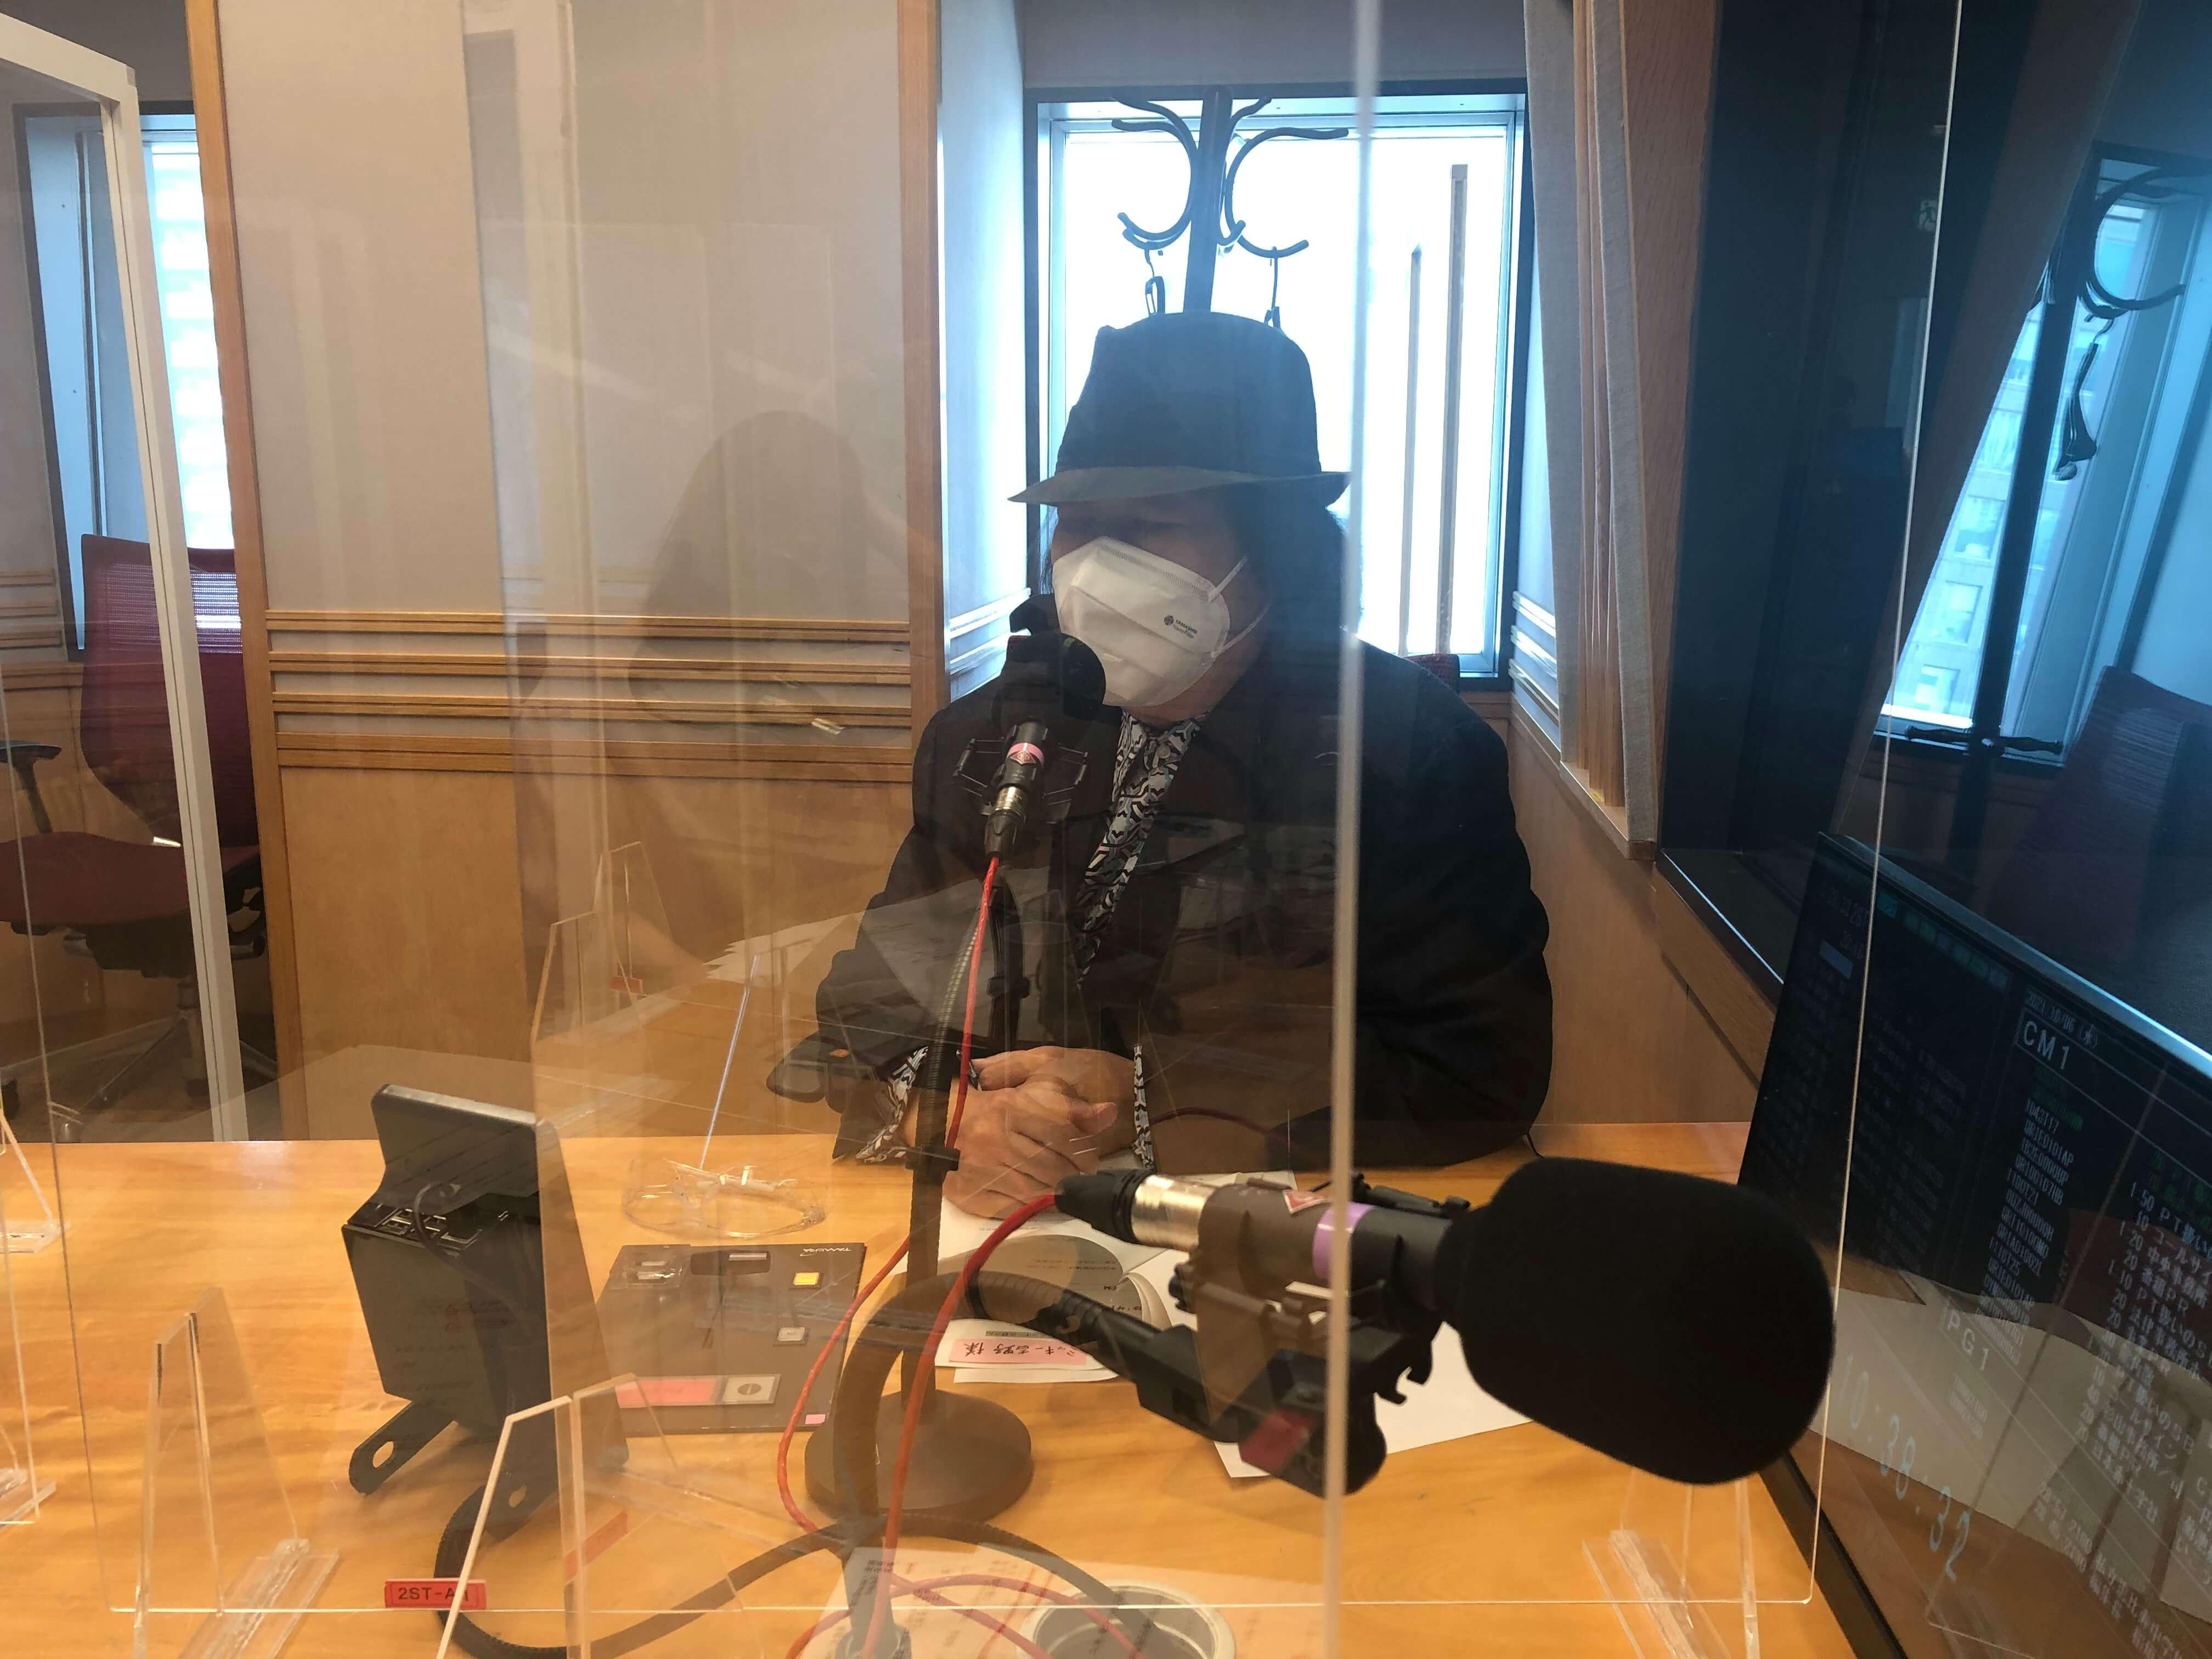 ゴダイゴ・ミッキー吉野 今までの活動を総括するプロジェクトとは?~10月6日「くにまるジャパン極」